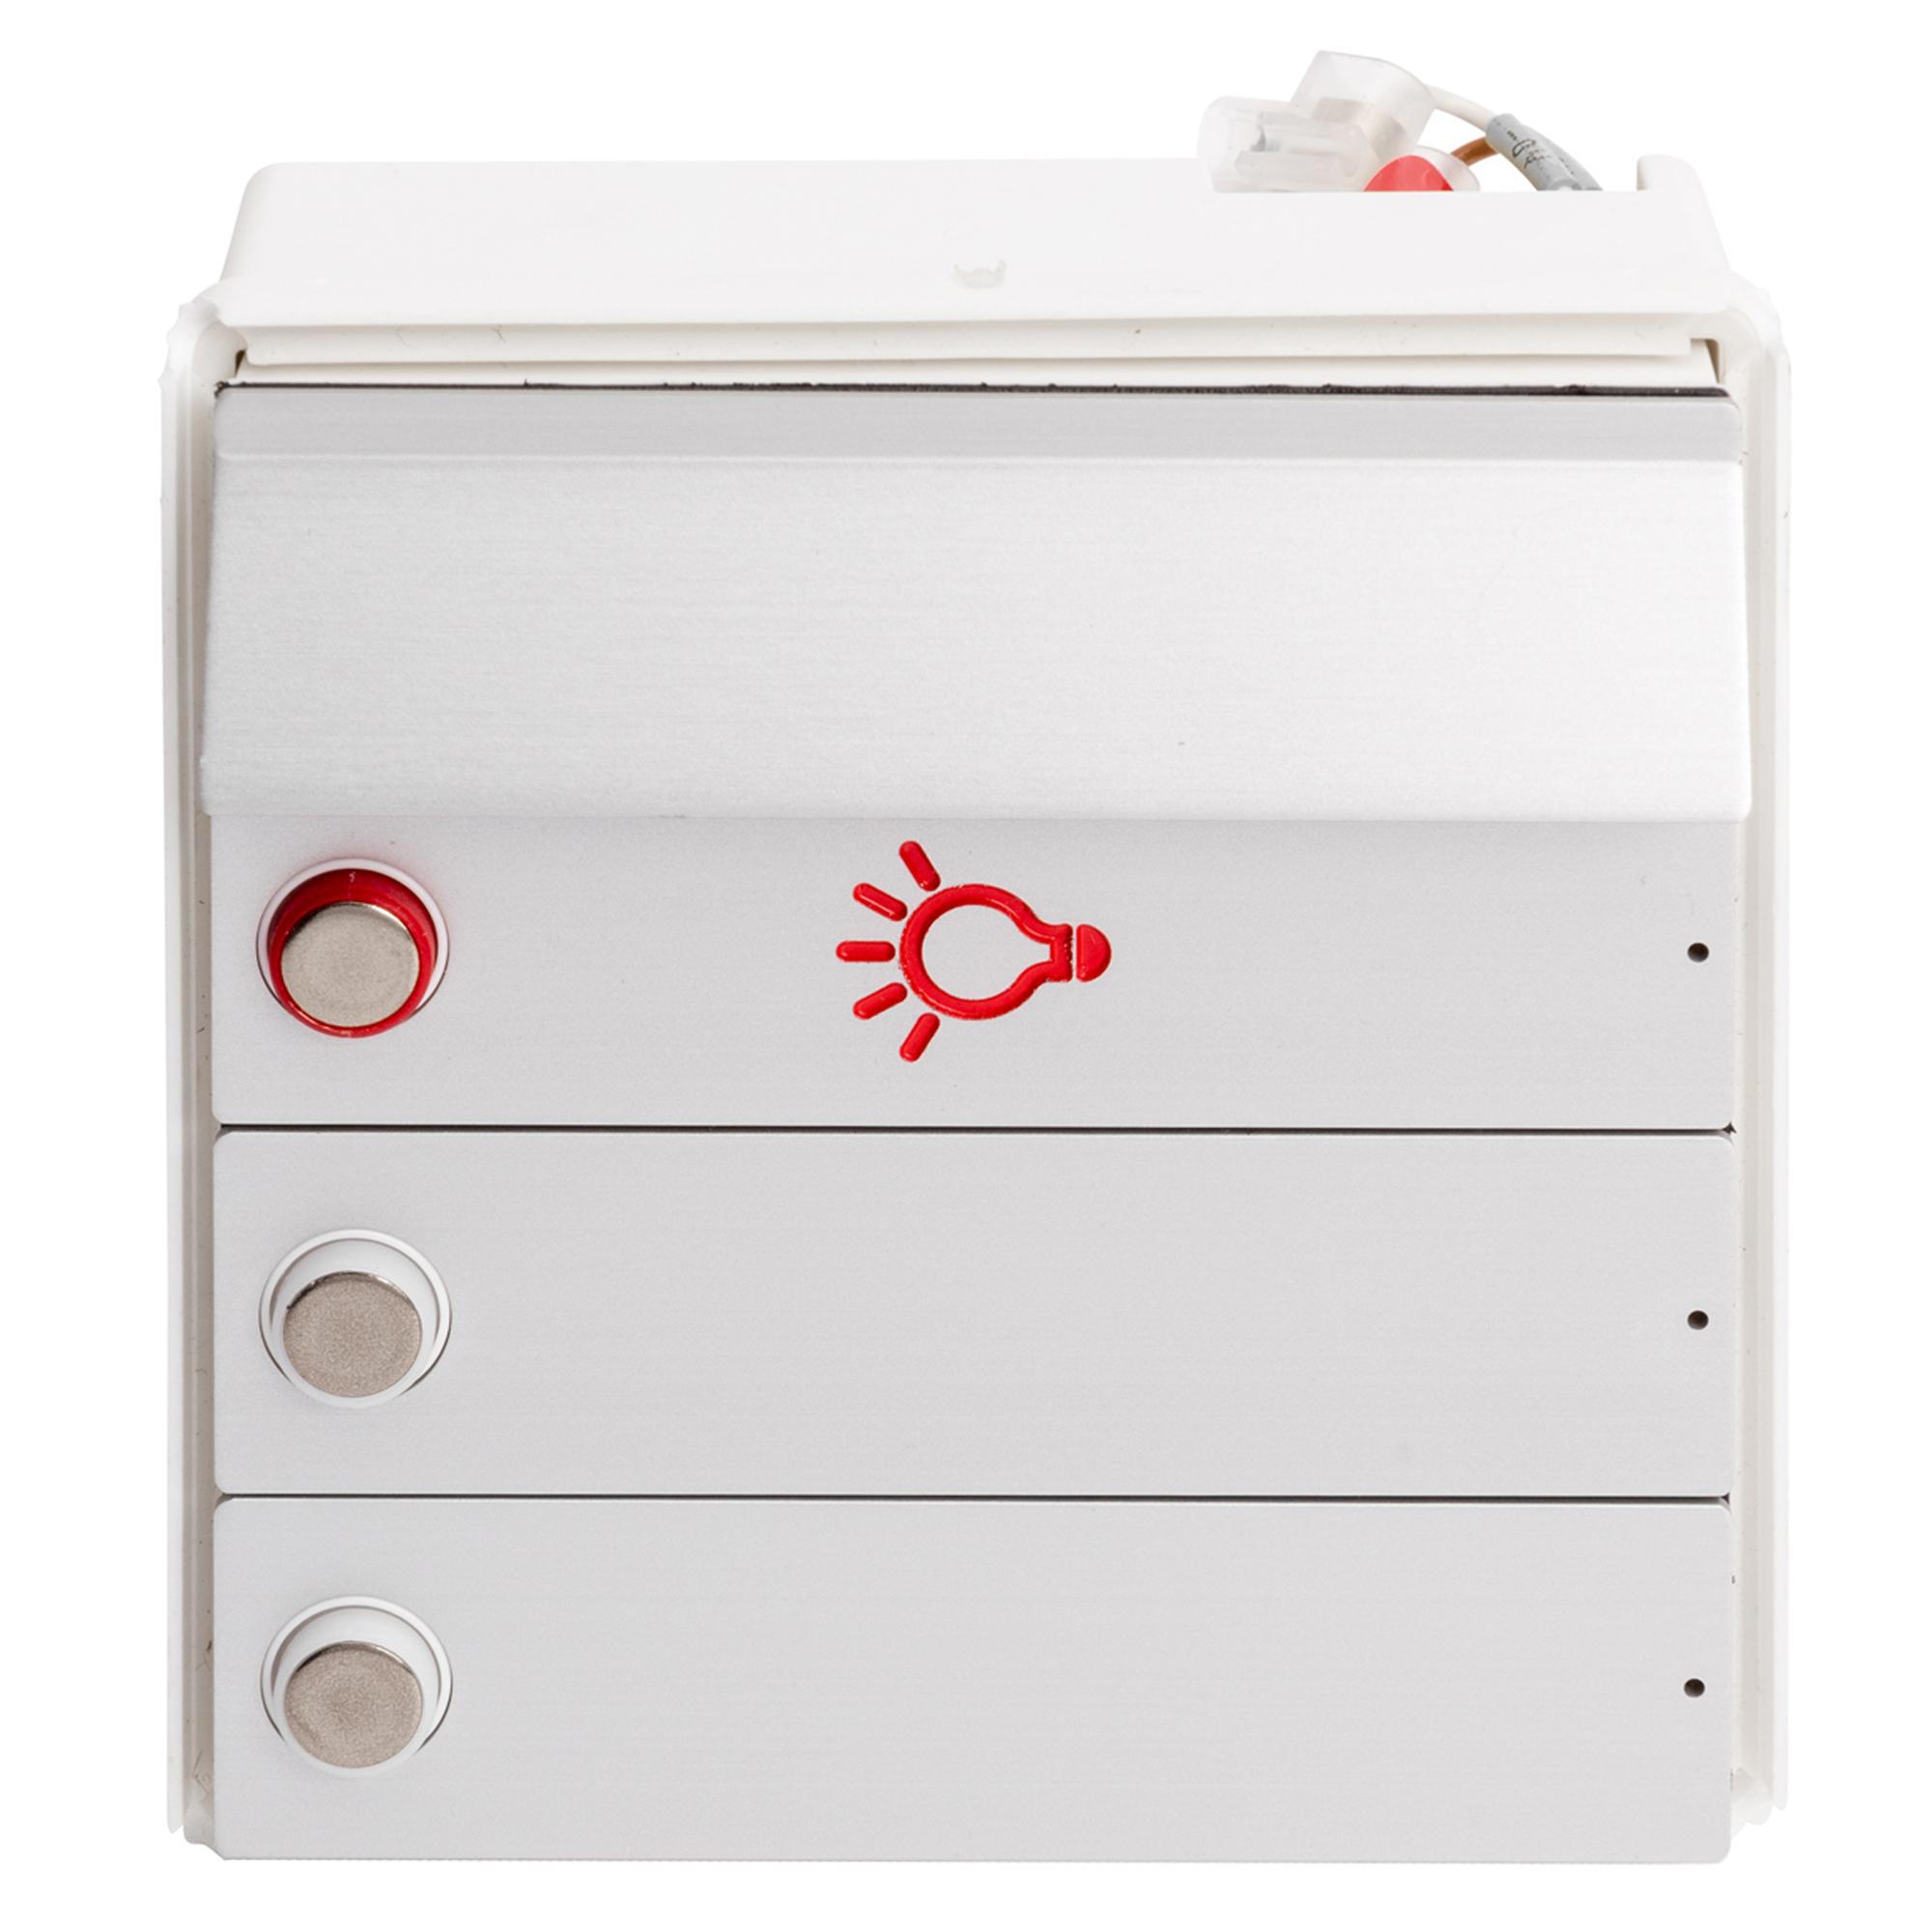 RENZ Tastenmodul RSA2 kompakt - 2 Klingelschilder & 1 Lichttaste-Aluminium 97-9-85336